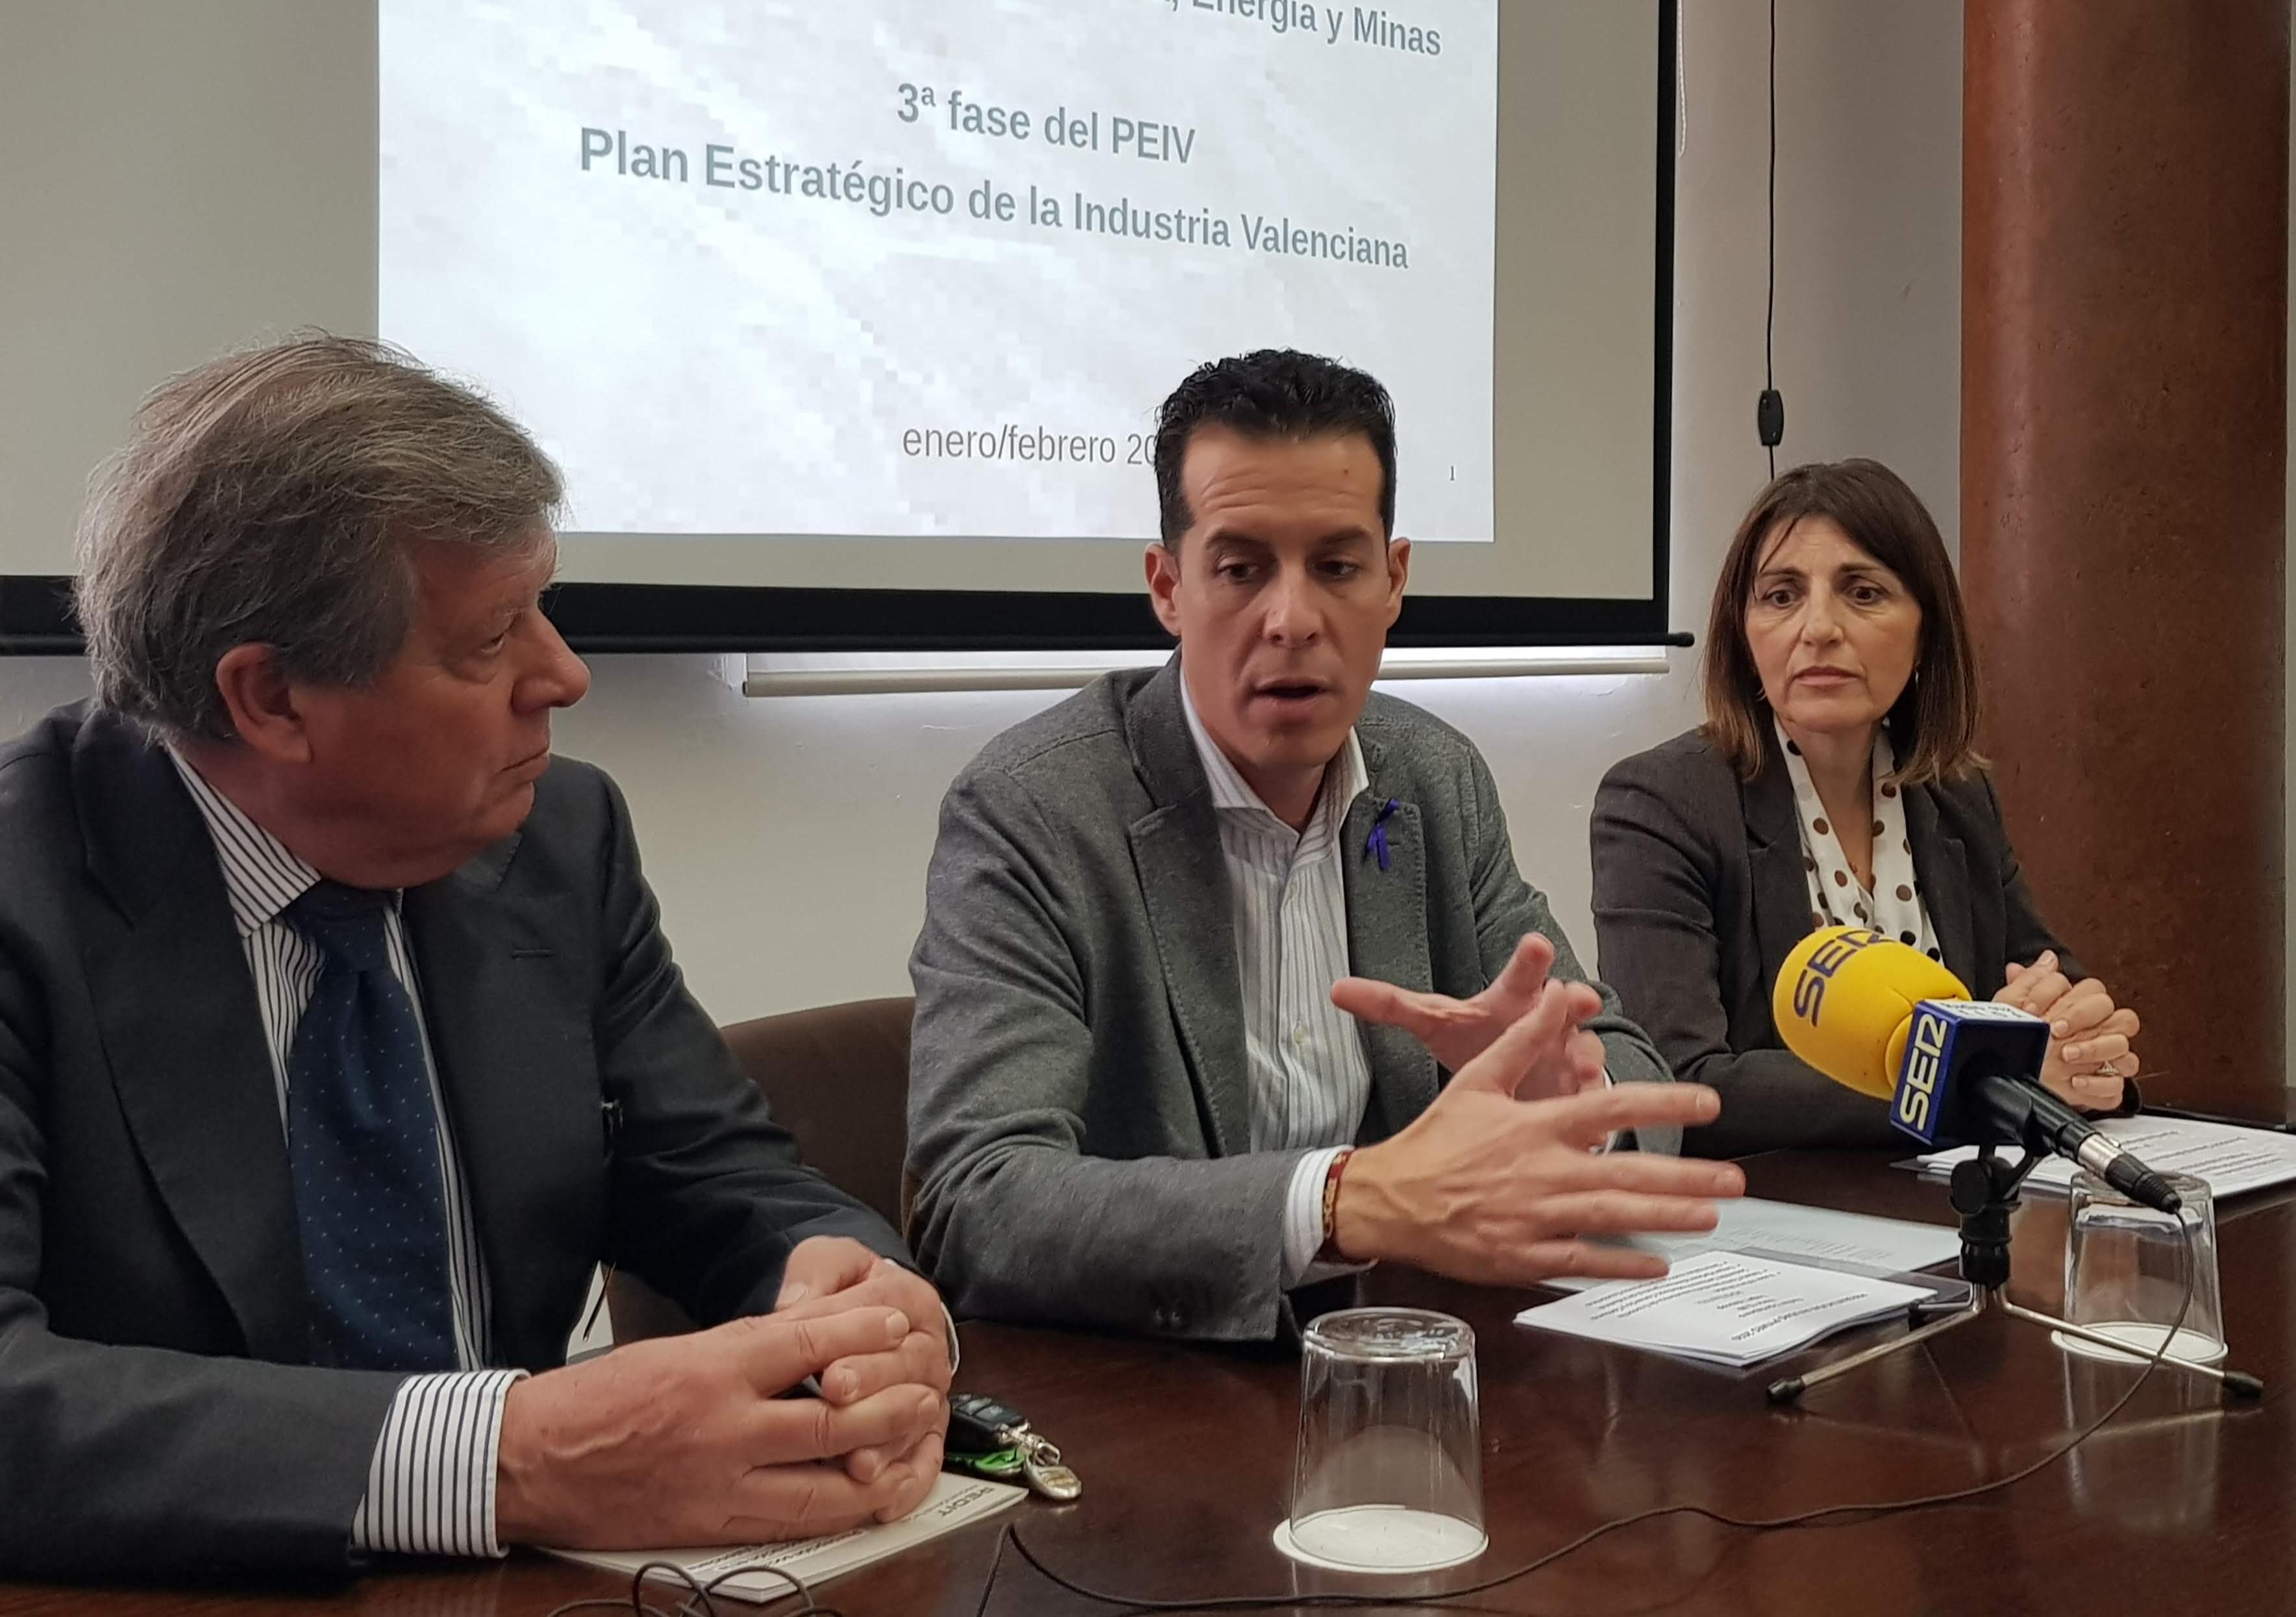 El Ayuntamiento de Elda inicia el proceso para aumentar la oferta de suelo industrial en más de 618.000 metros cuadrados